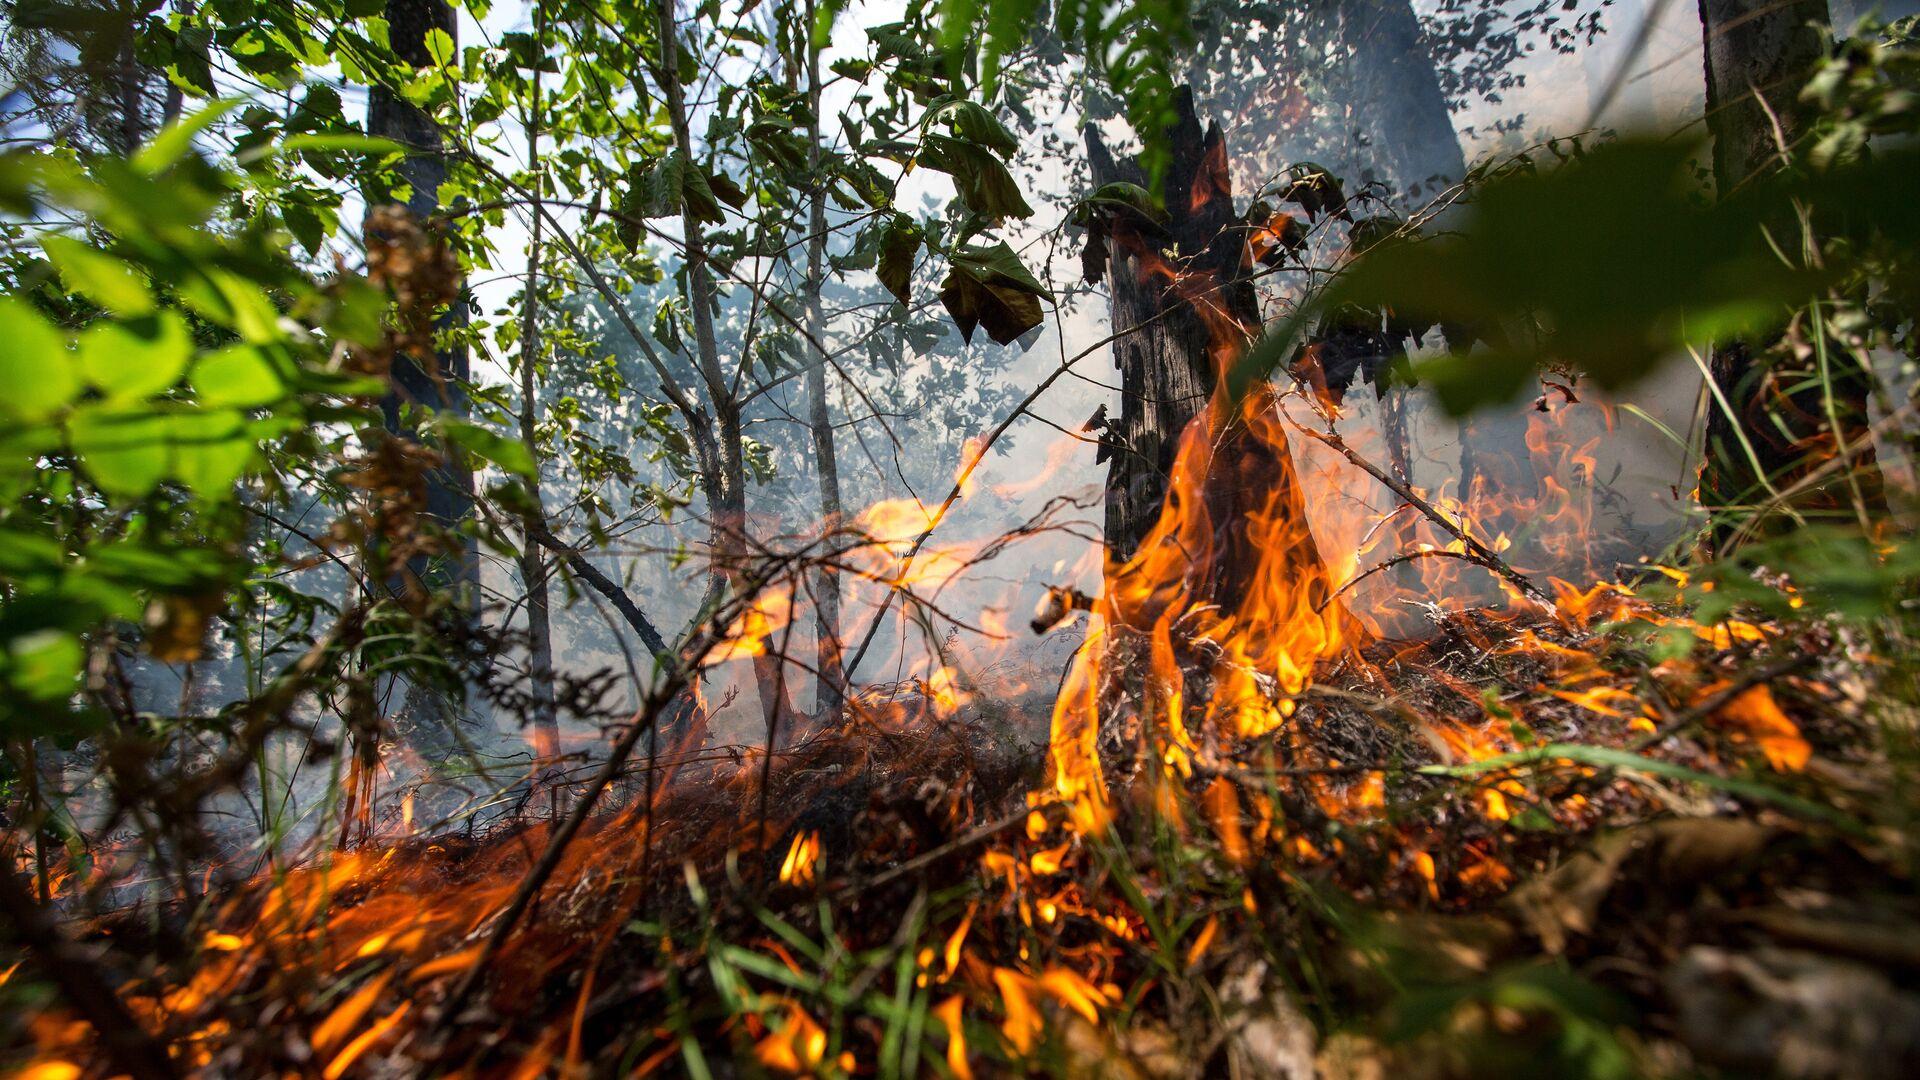 Лесной пожар в Шимановском районе Амурской области - РИА Новости, 1920, 09.09.2021